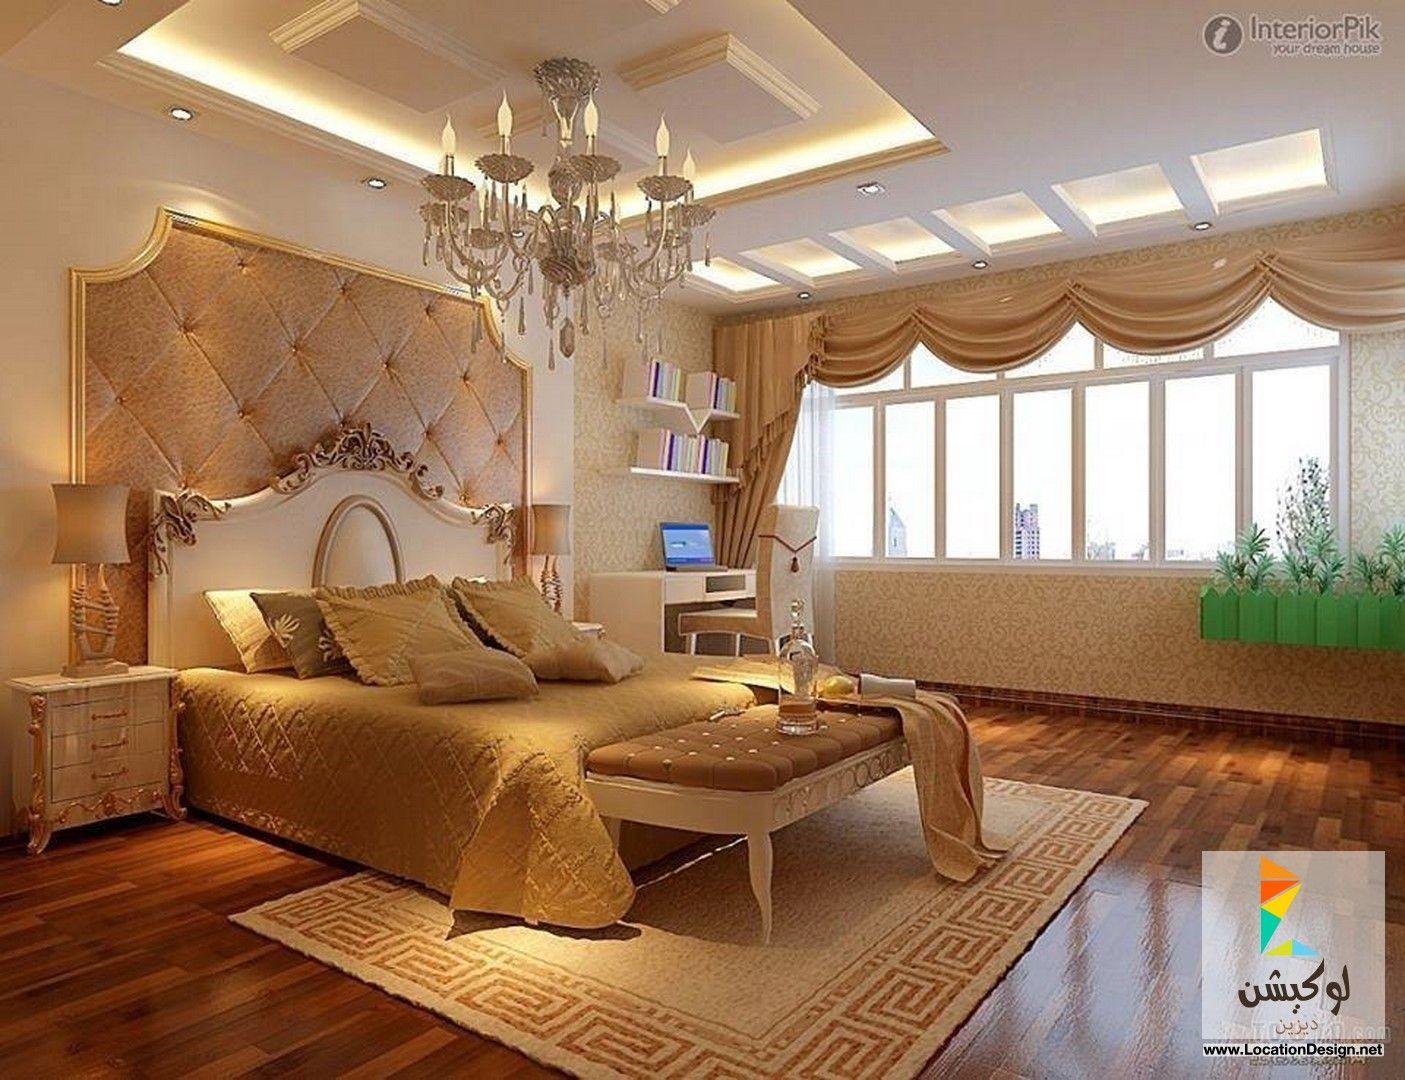 ديكور جبس اسقف غرف نوم Ceiling Design Bedroom Modern Bedroom Design False Ceiling Design